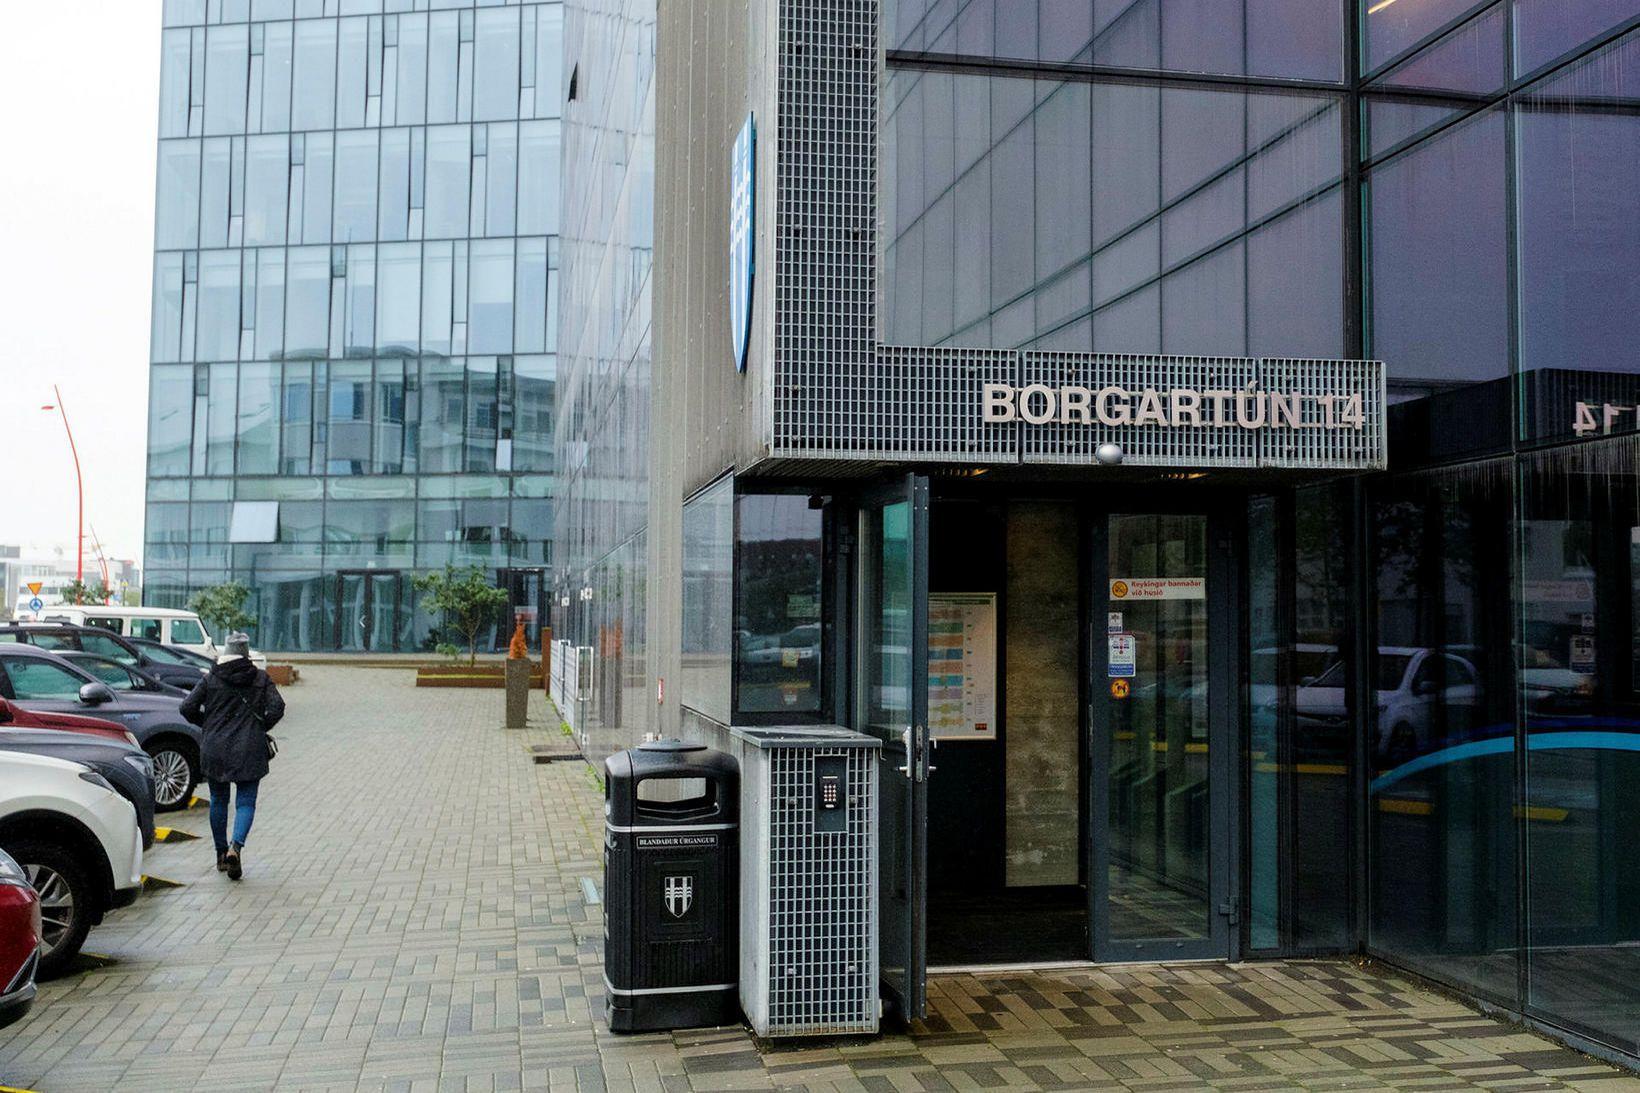 Þjónustu- og nýsköpunarsvið borgarinnar er til húsa í Borgartúni.